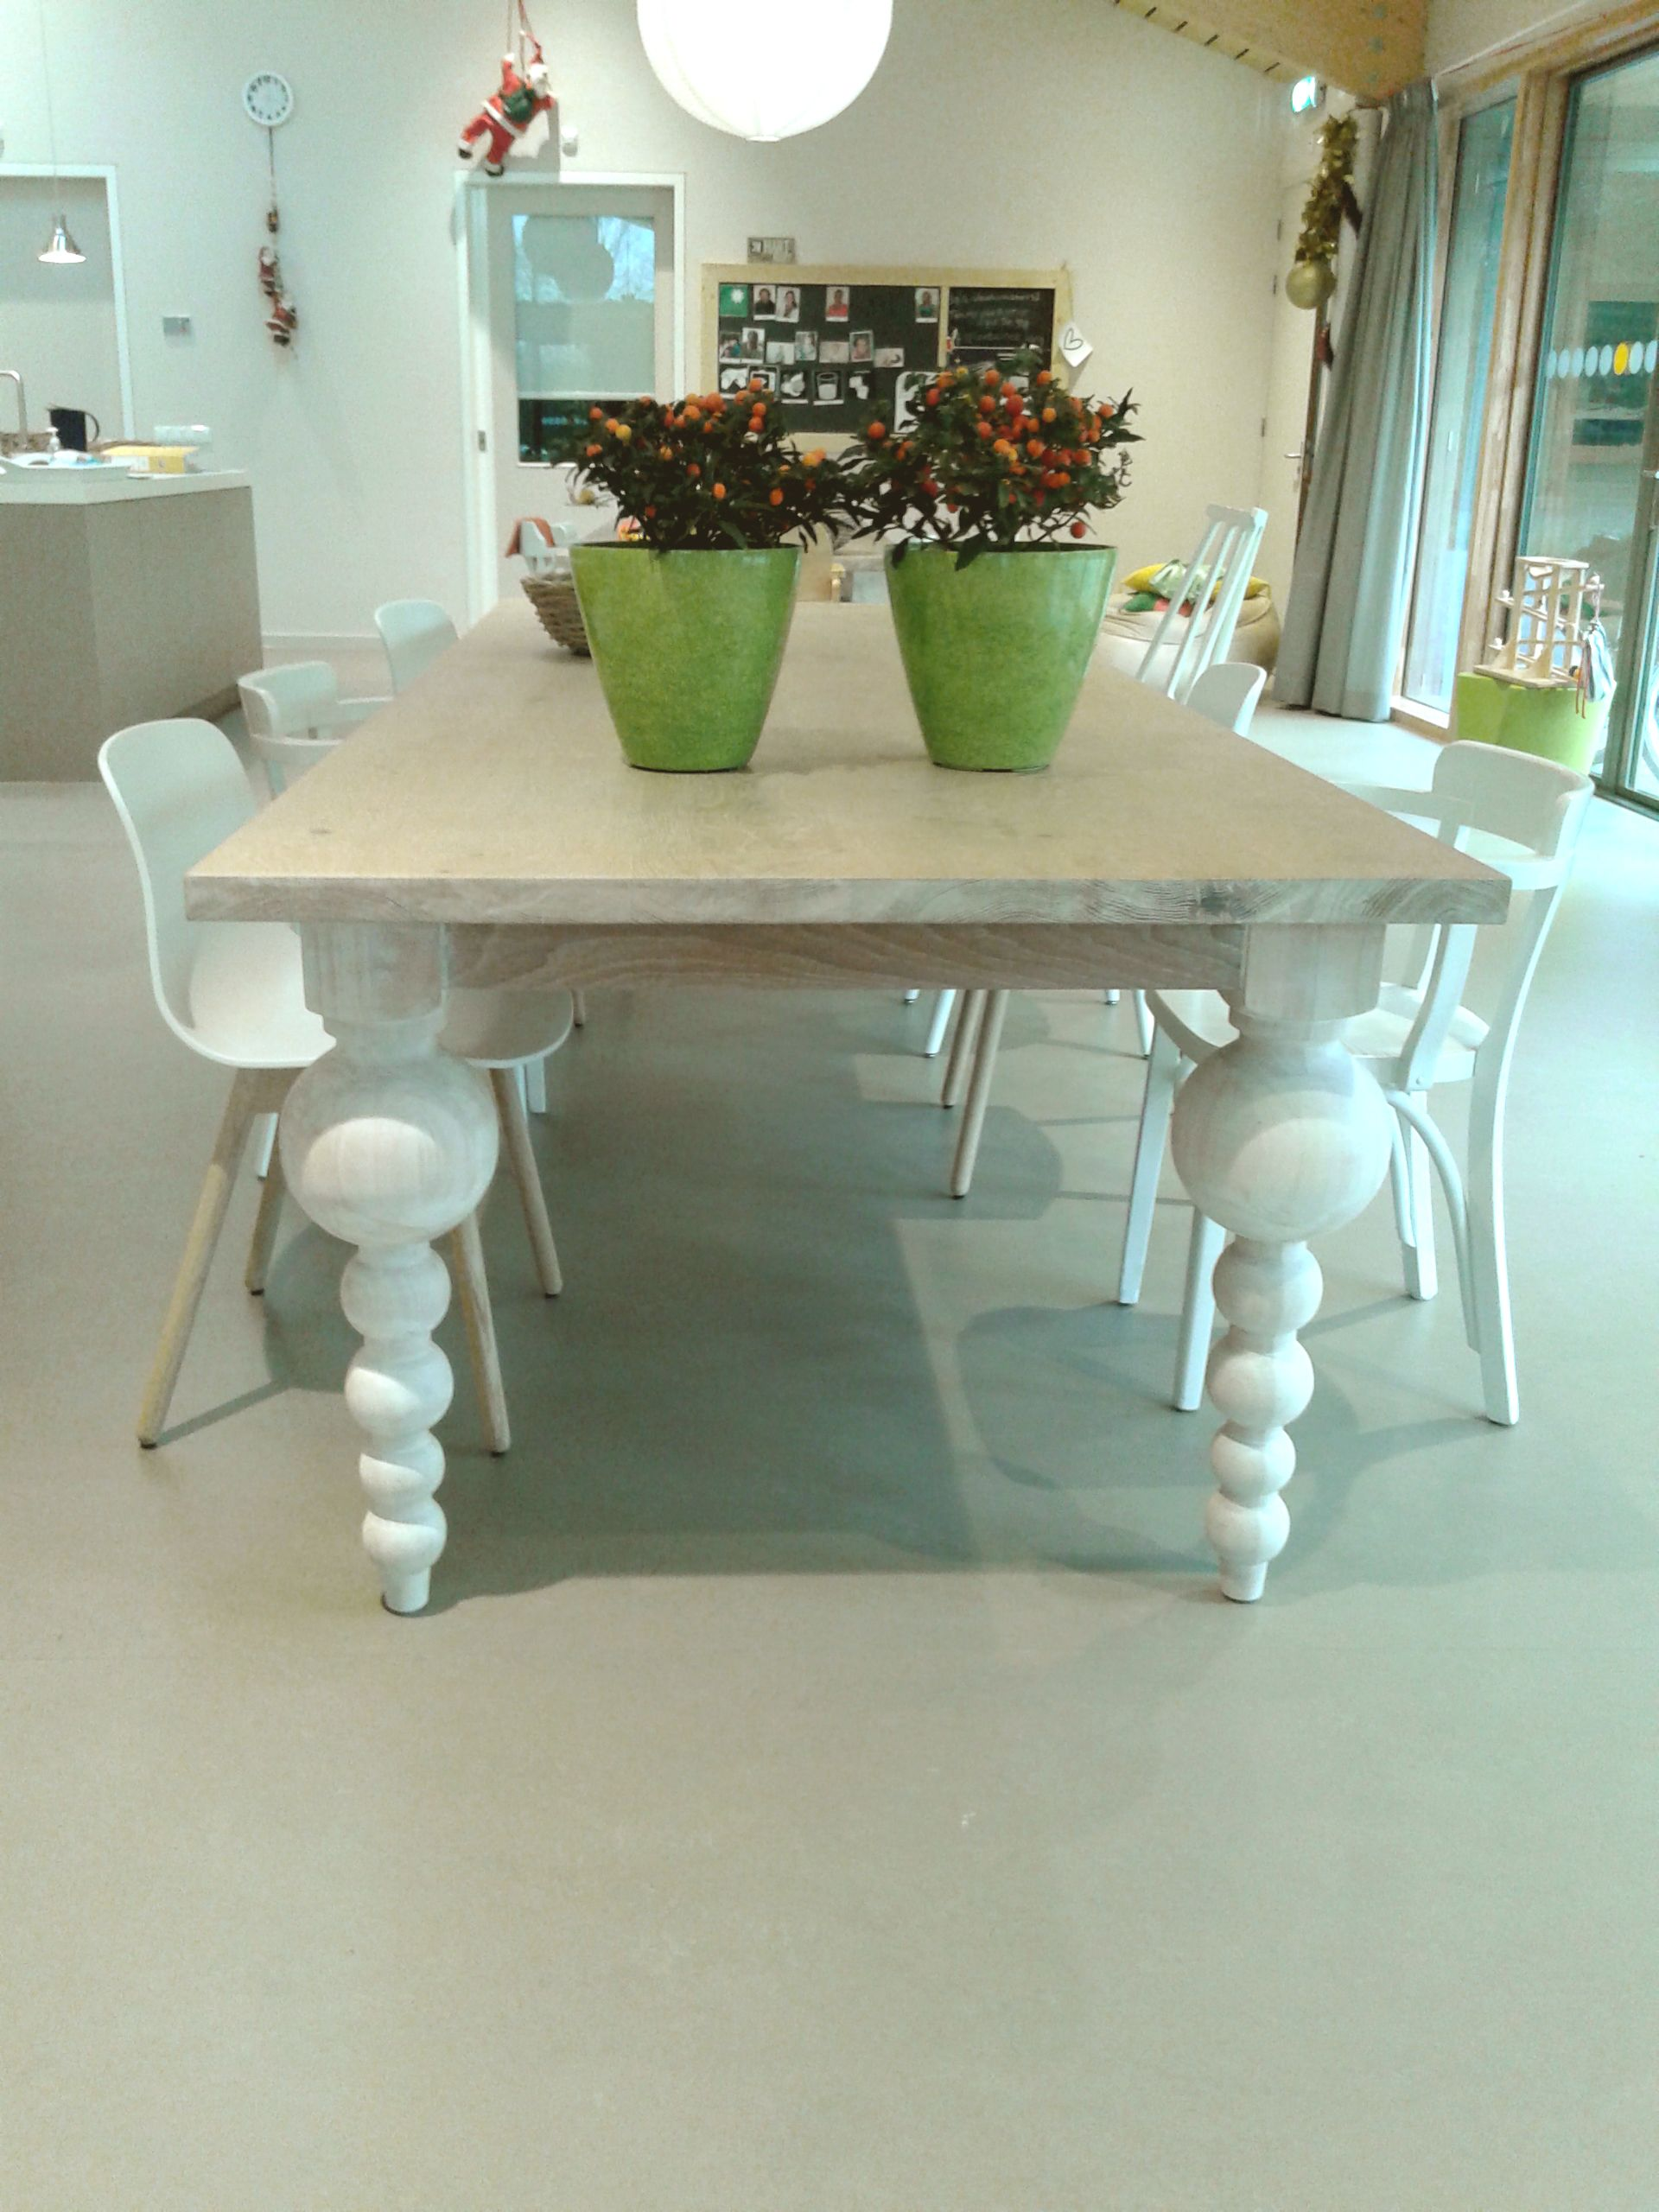 Eiken White Wash Eettafel.Massief Eiken Tafel Met Speelse Bolpoten Behandeld Met Een